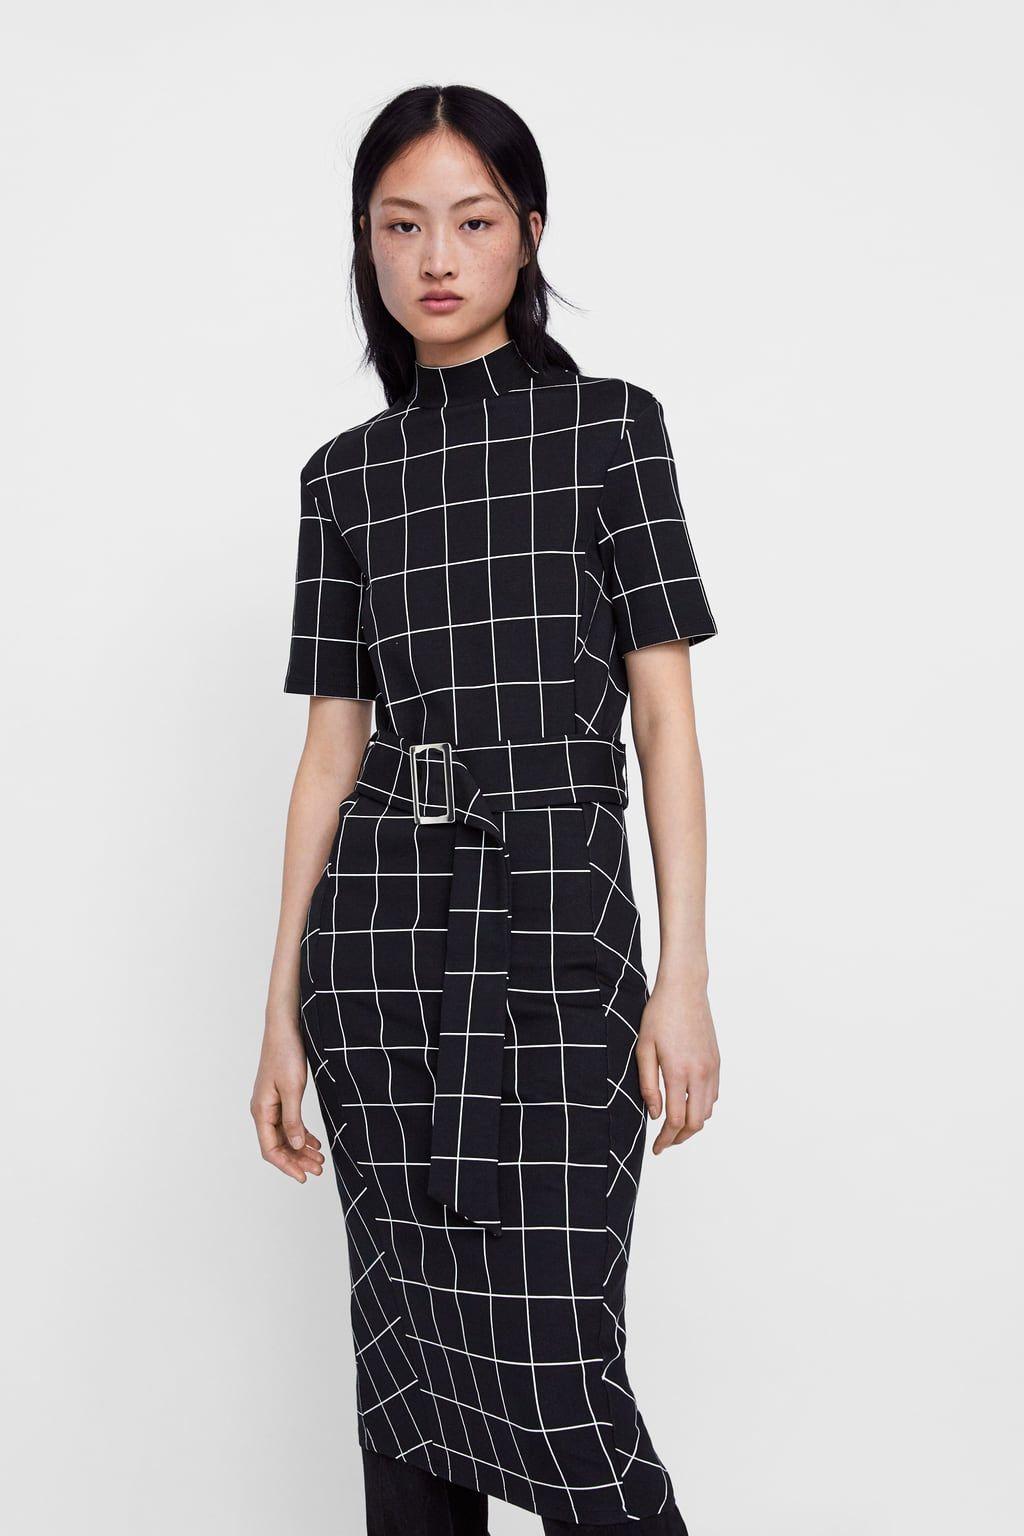 67da3c7b0 Image 2 of BELTED PLAID DRESS from Zara | Stitch Fix | Trunk Club in ...